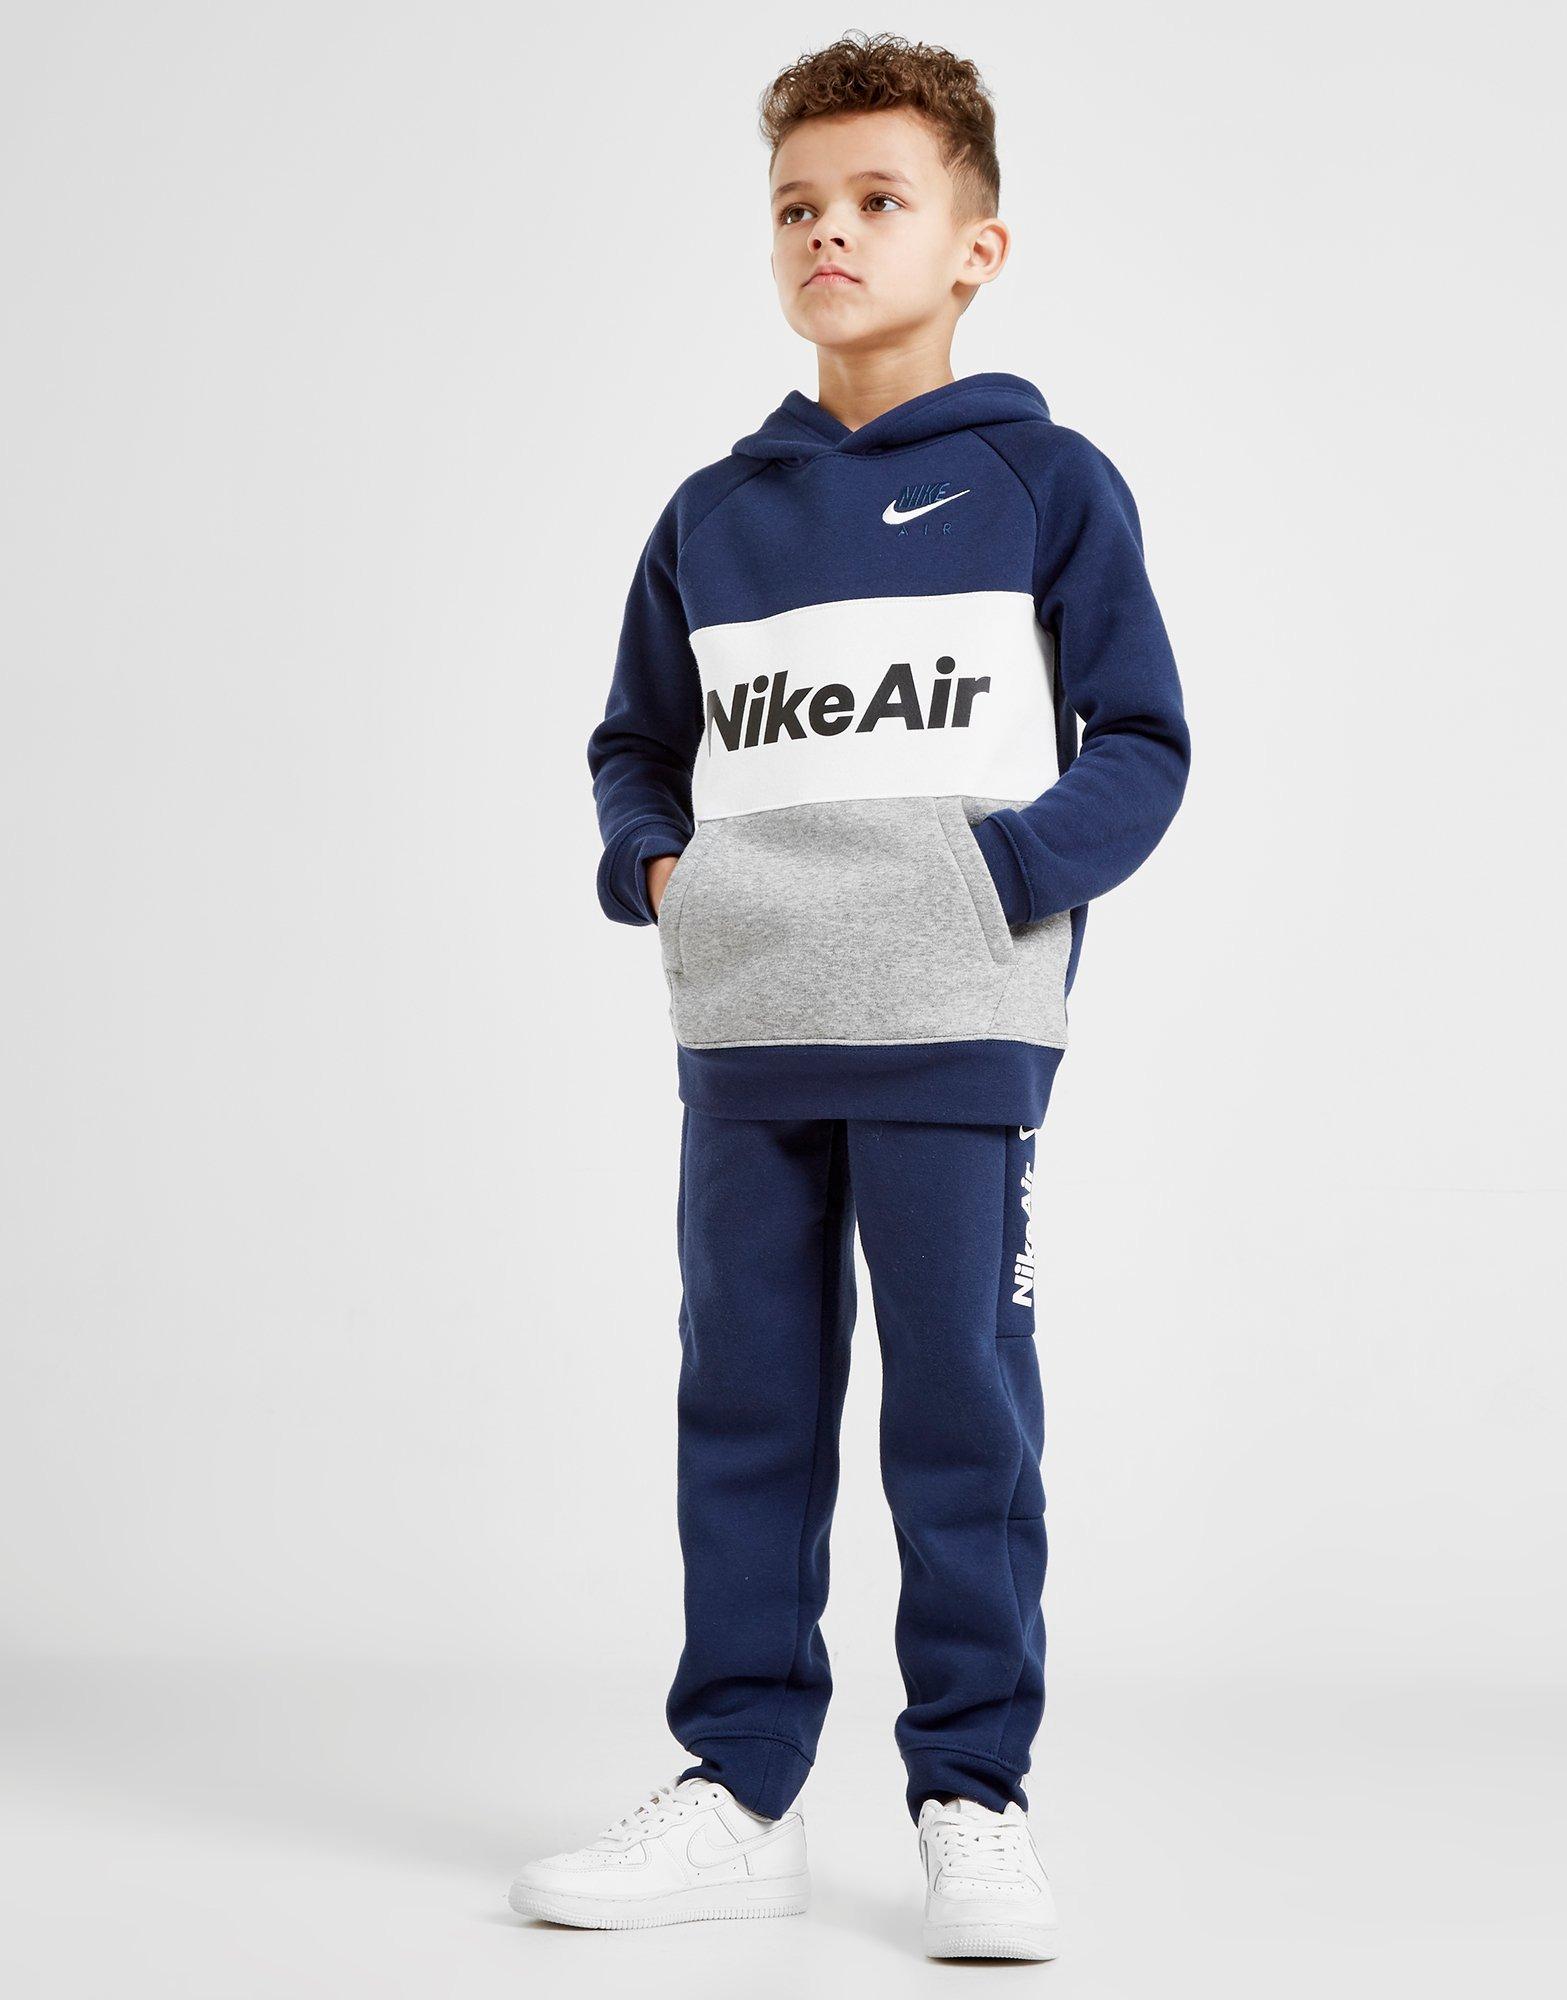 Nike Survêtement à capuche Air Enfant | JD Sports